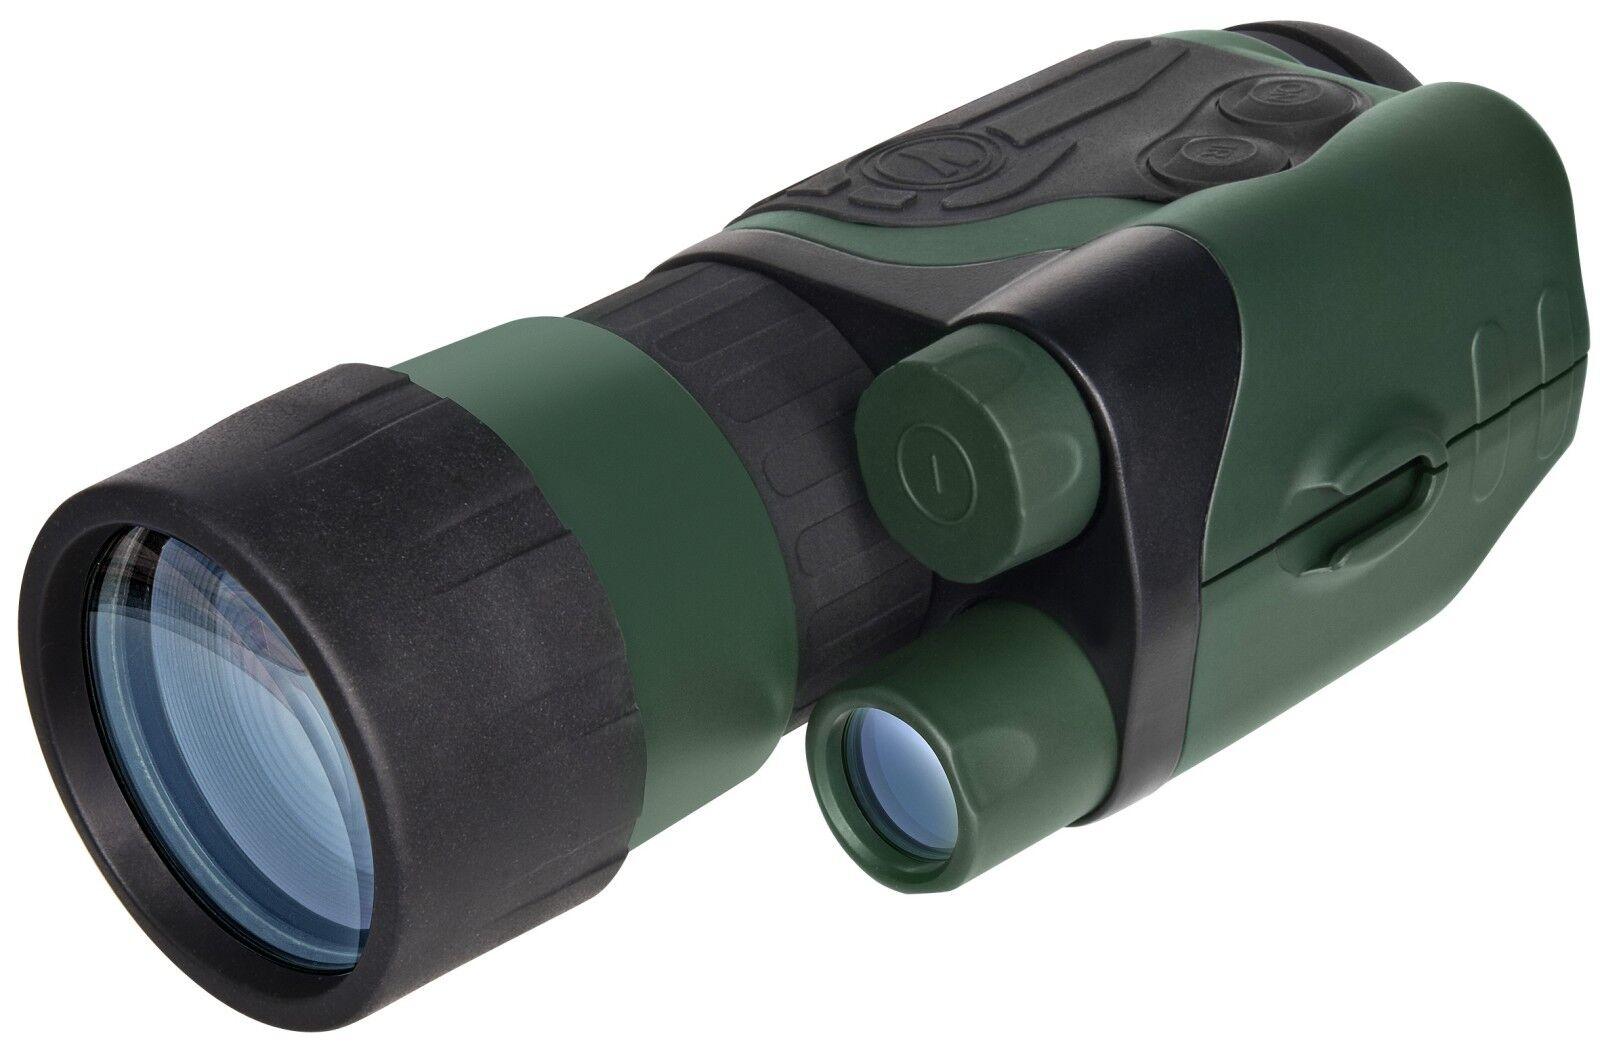 Yukon Spartan 4x50 visión nocturna